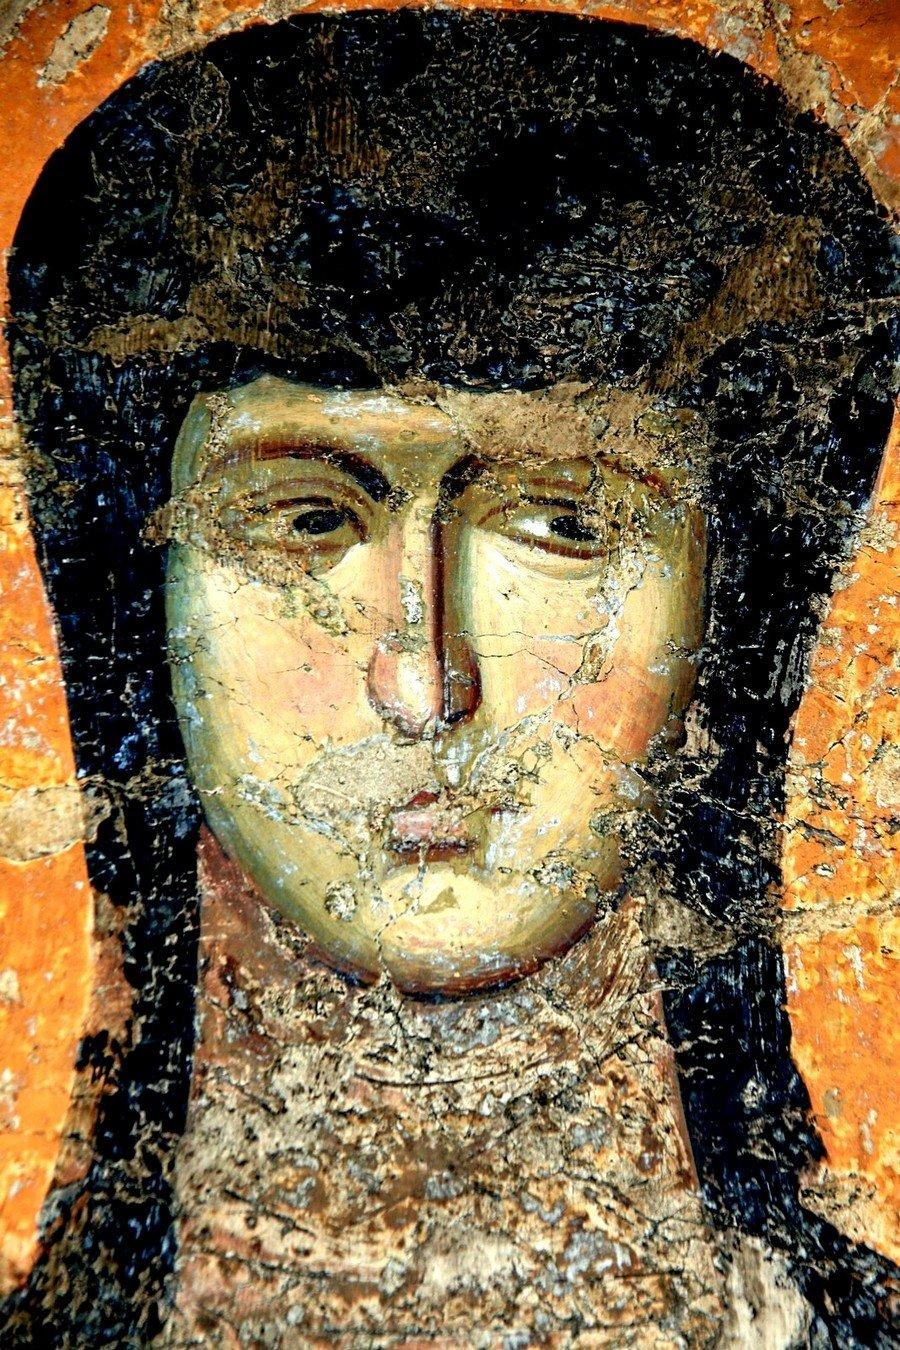 Святая Преподобномученица Феодосия Константинопольская. Фреска церкви Богородицы Левишки в Призрене, Косово и Метохия, Сербия. Около 1310 - 1313 года. Иконописцы Михаил Астрапа и Евтихий.